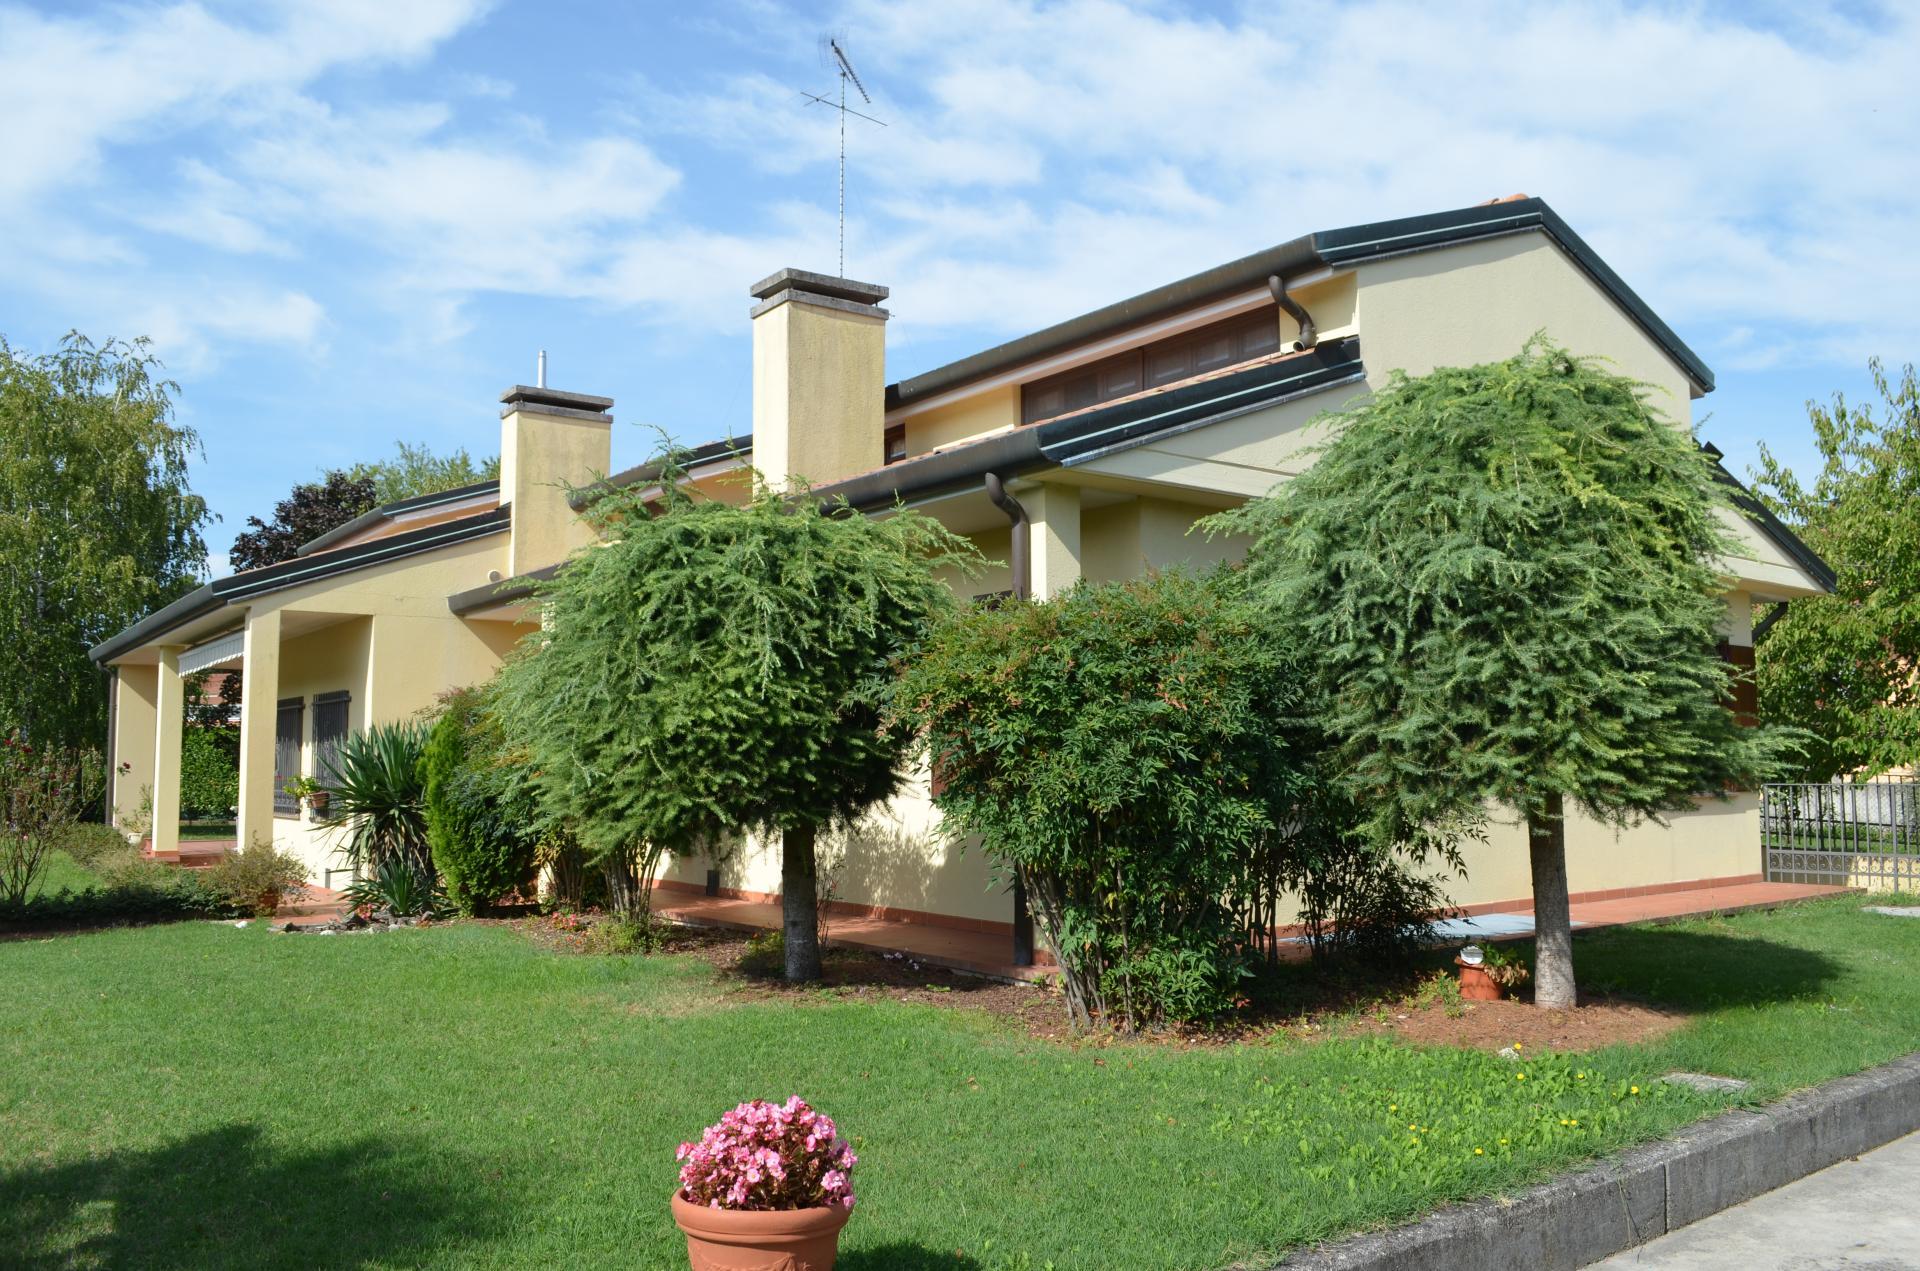 Villa d'epoca / indipendente in Vendita a Gradisca d'Isonzo